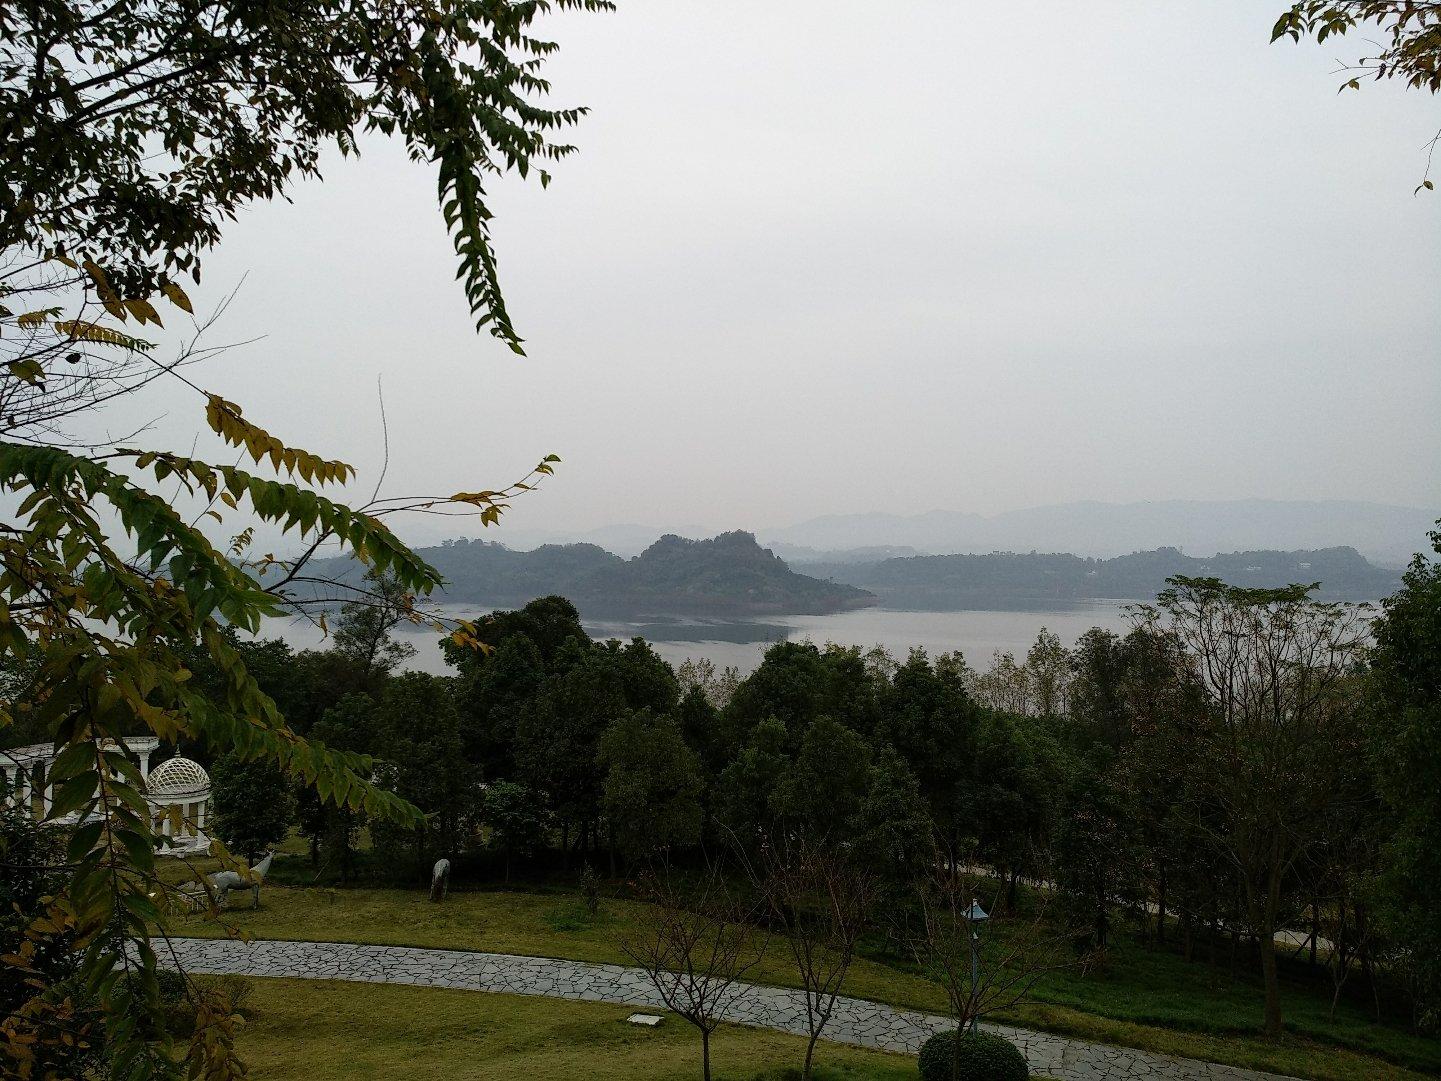 重庆市长寿区长寿湖镇407省道天气预报